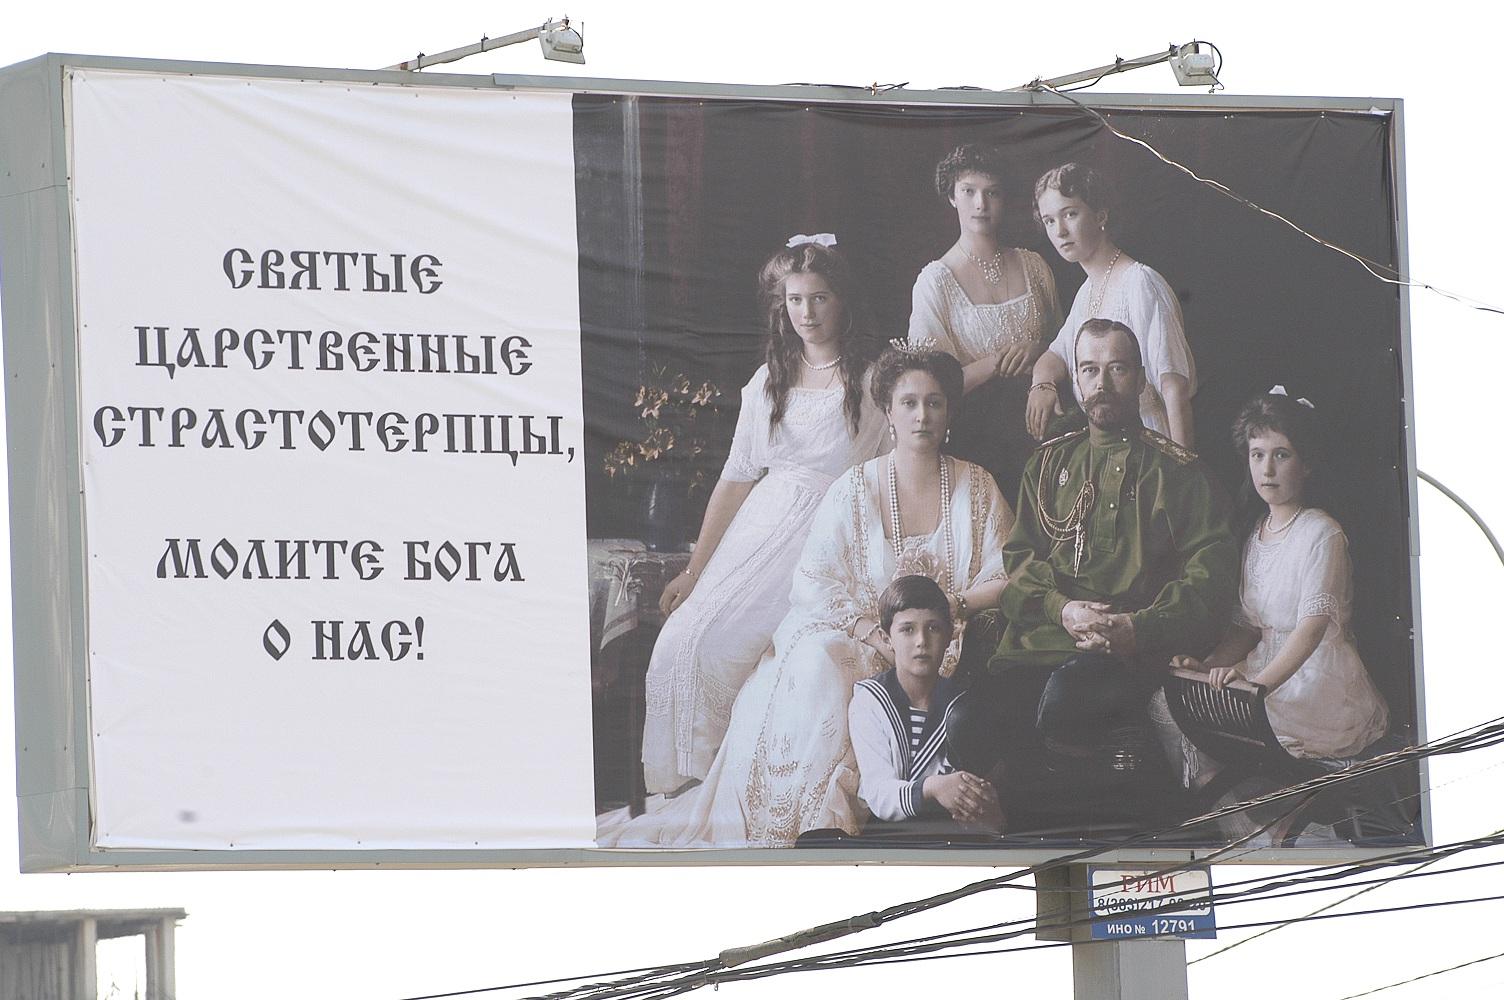 Ирина Хлебникова: «Новониколаевск (Новосибирск) был под покровительством Императора Николая II все время своего становления» (21.07.17)